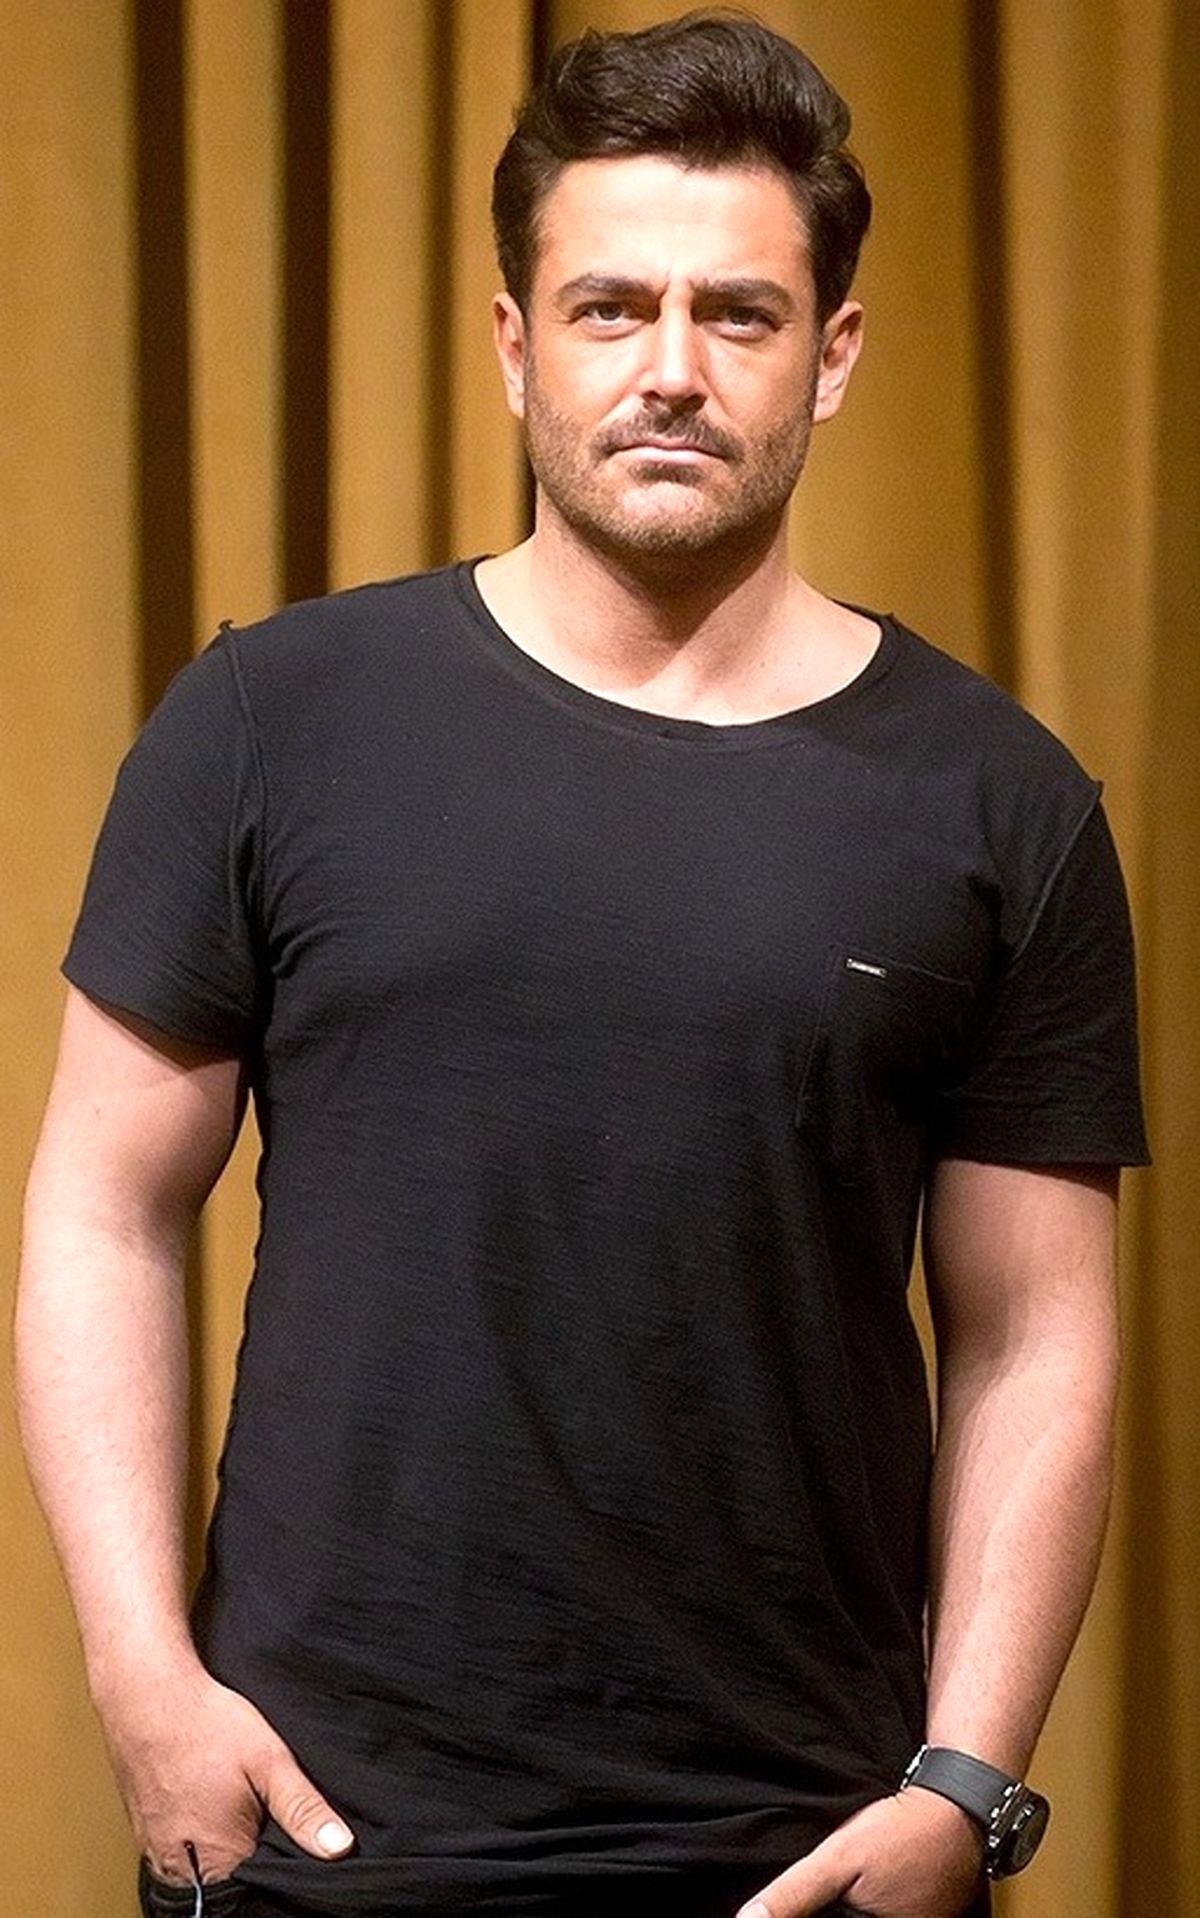 استایل جذاب محمدرضا گلزار با تیپ ورزشی+عکس